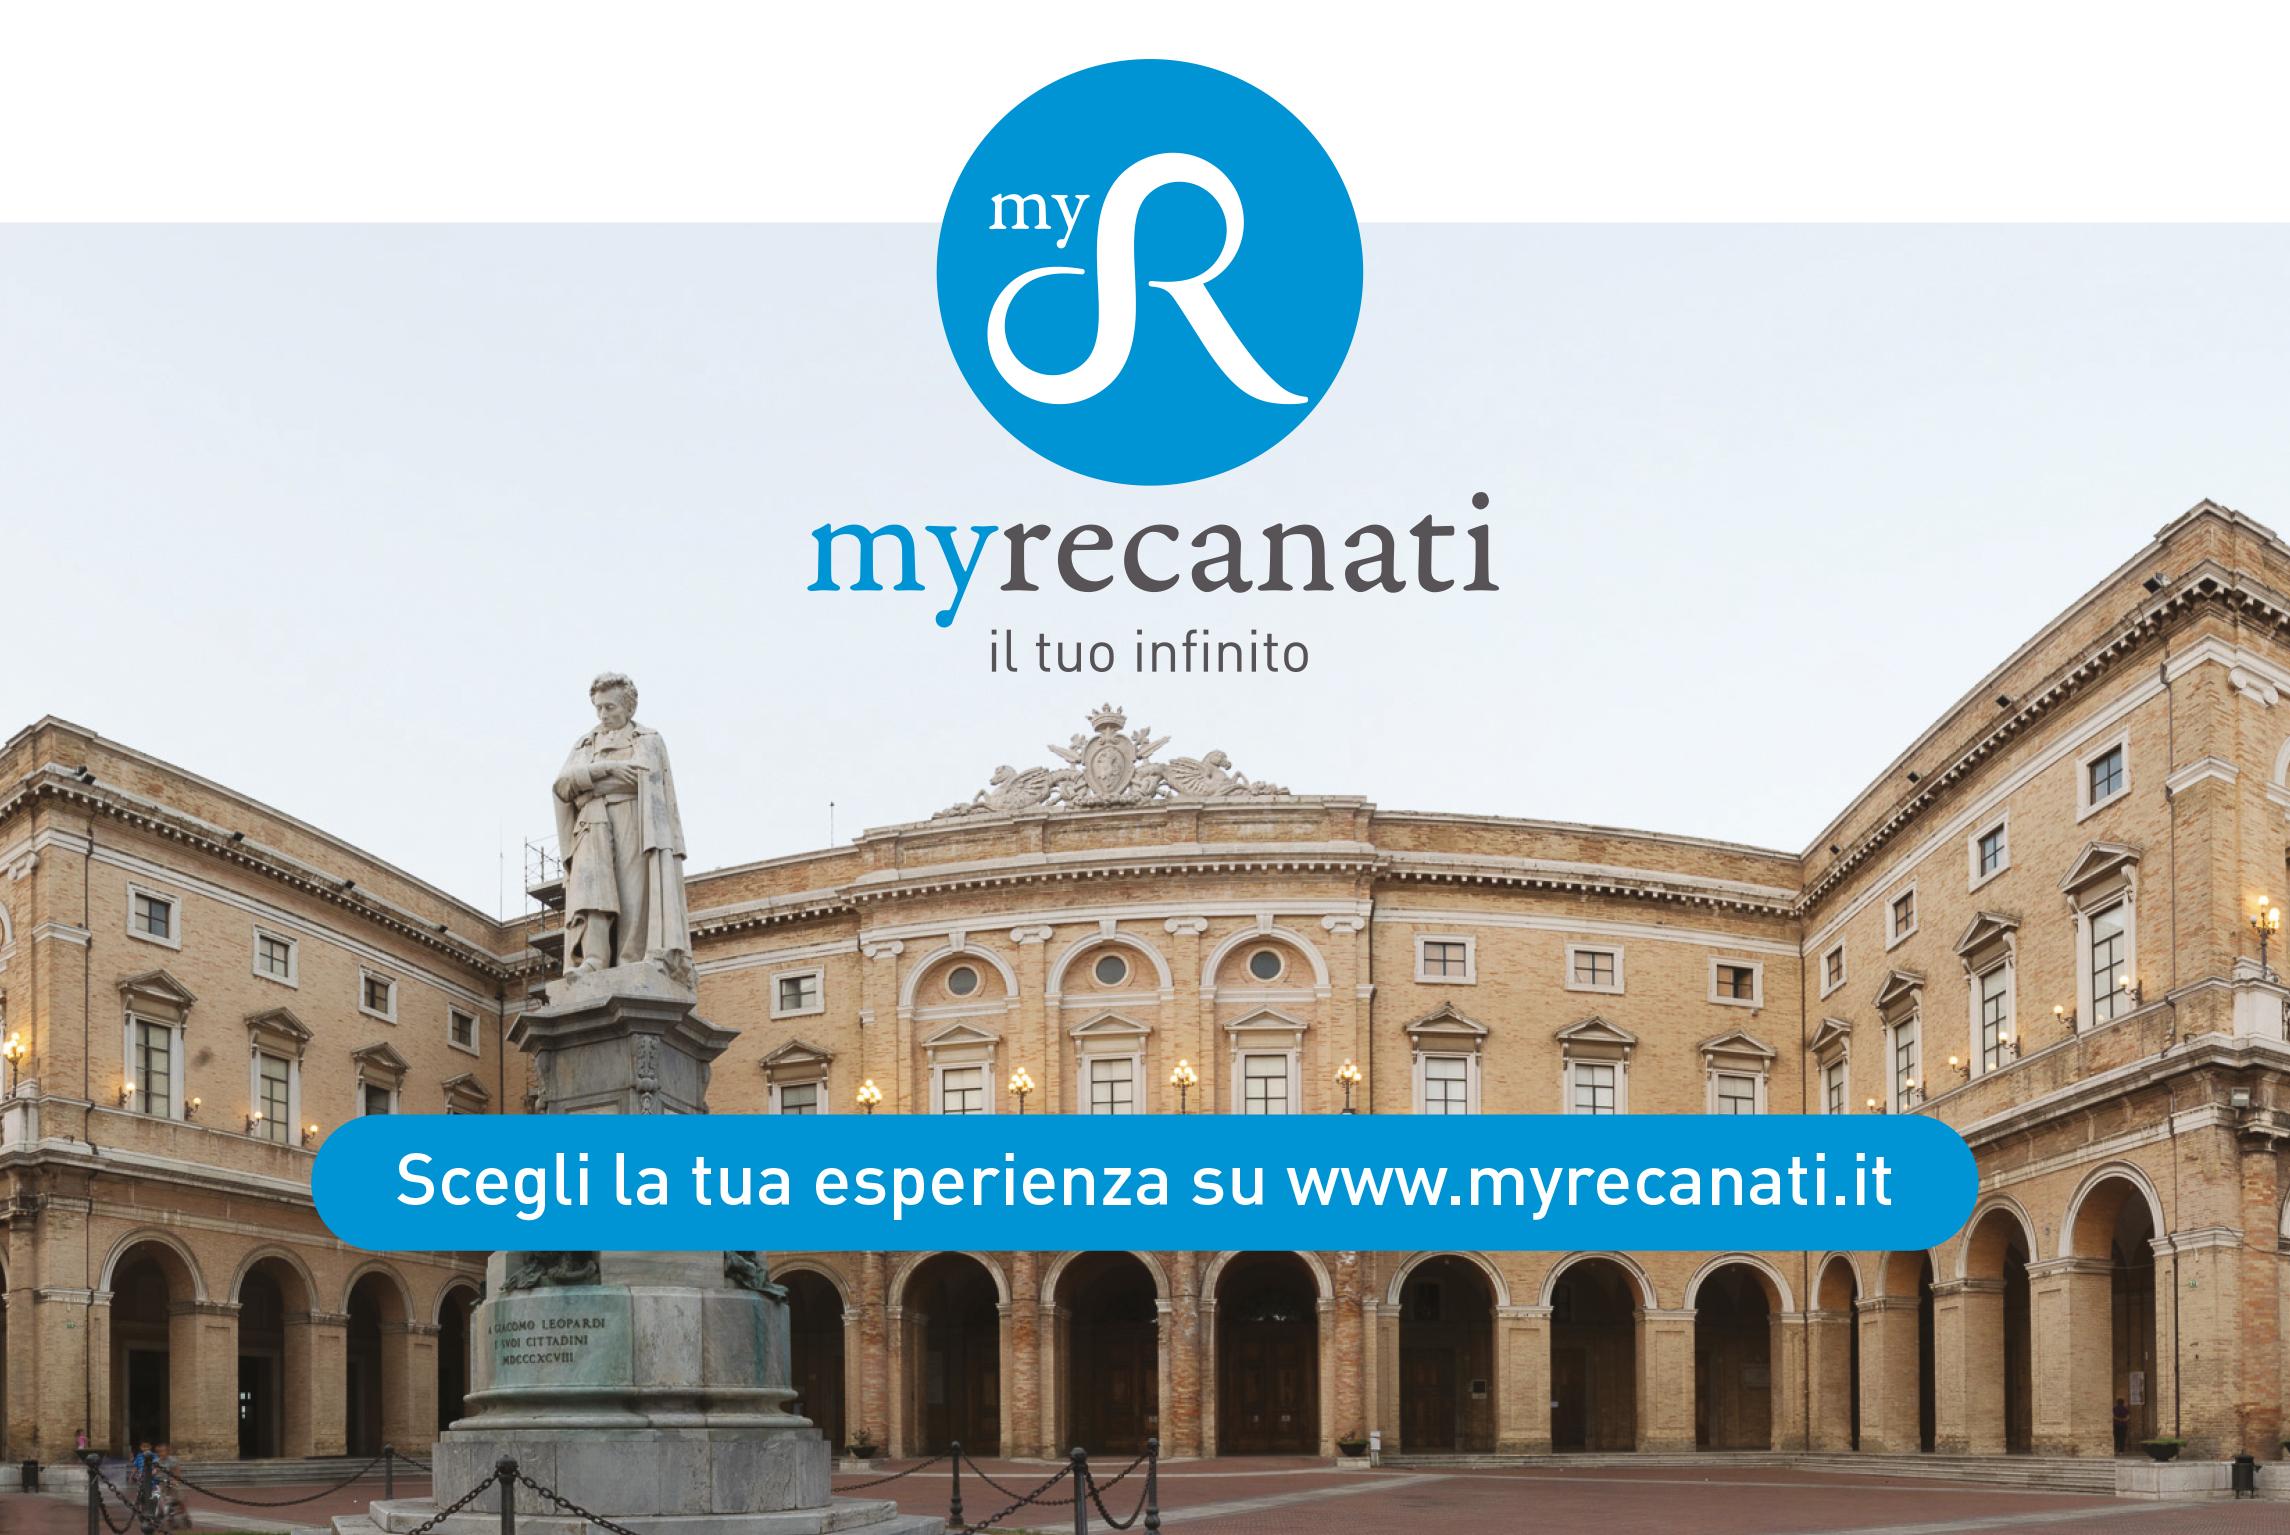 Online myrecanati.it, il nuovo portale turistico della Città dell'Infinito